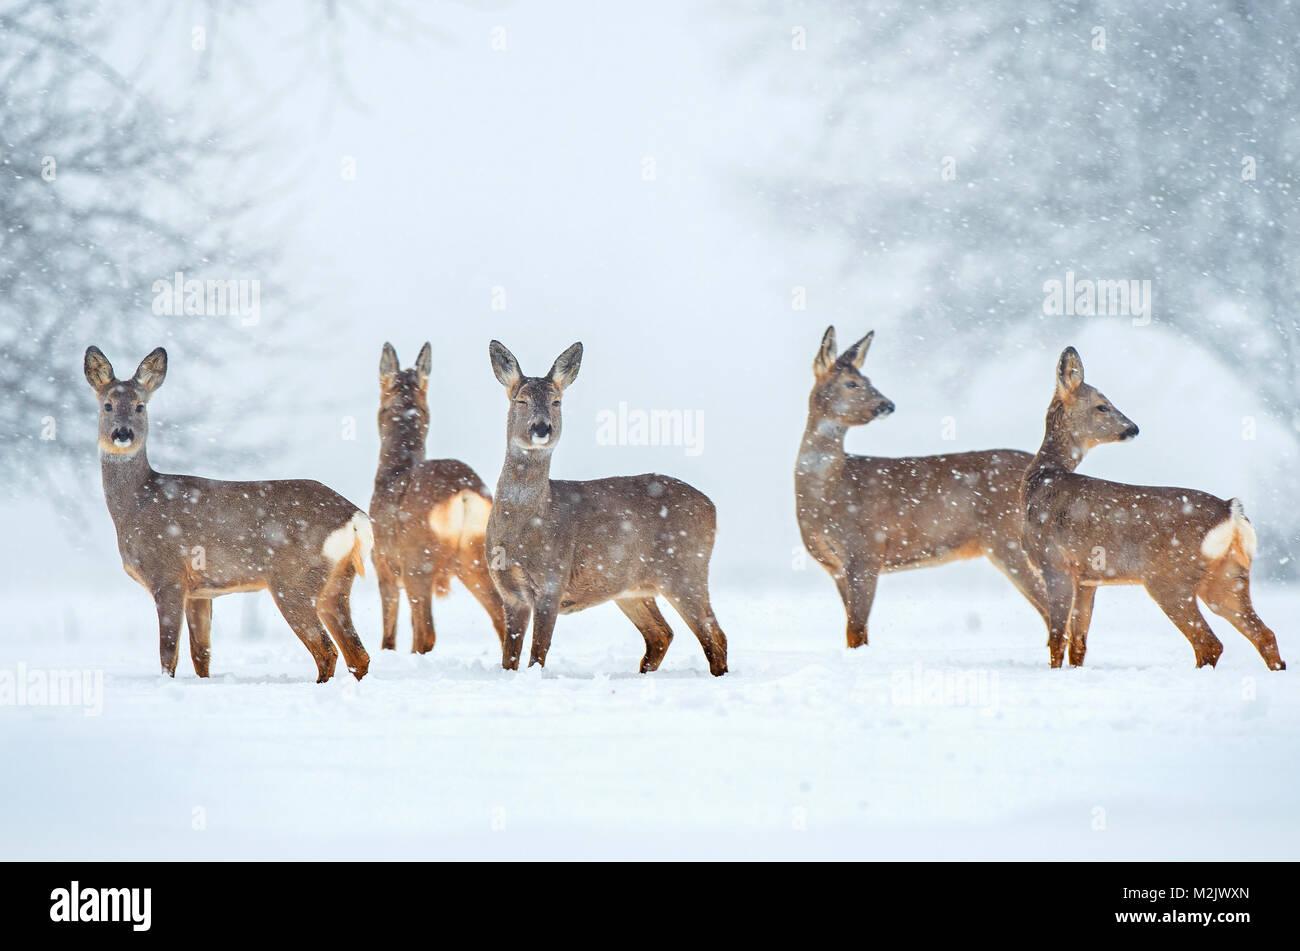 Roe deer herd in a field during snowfall - Stock Image